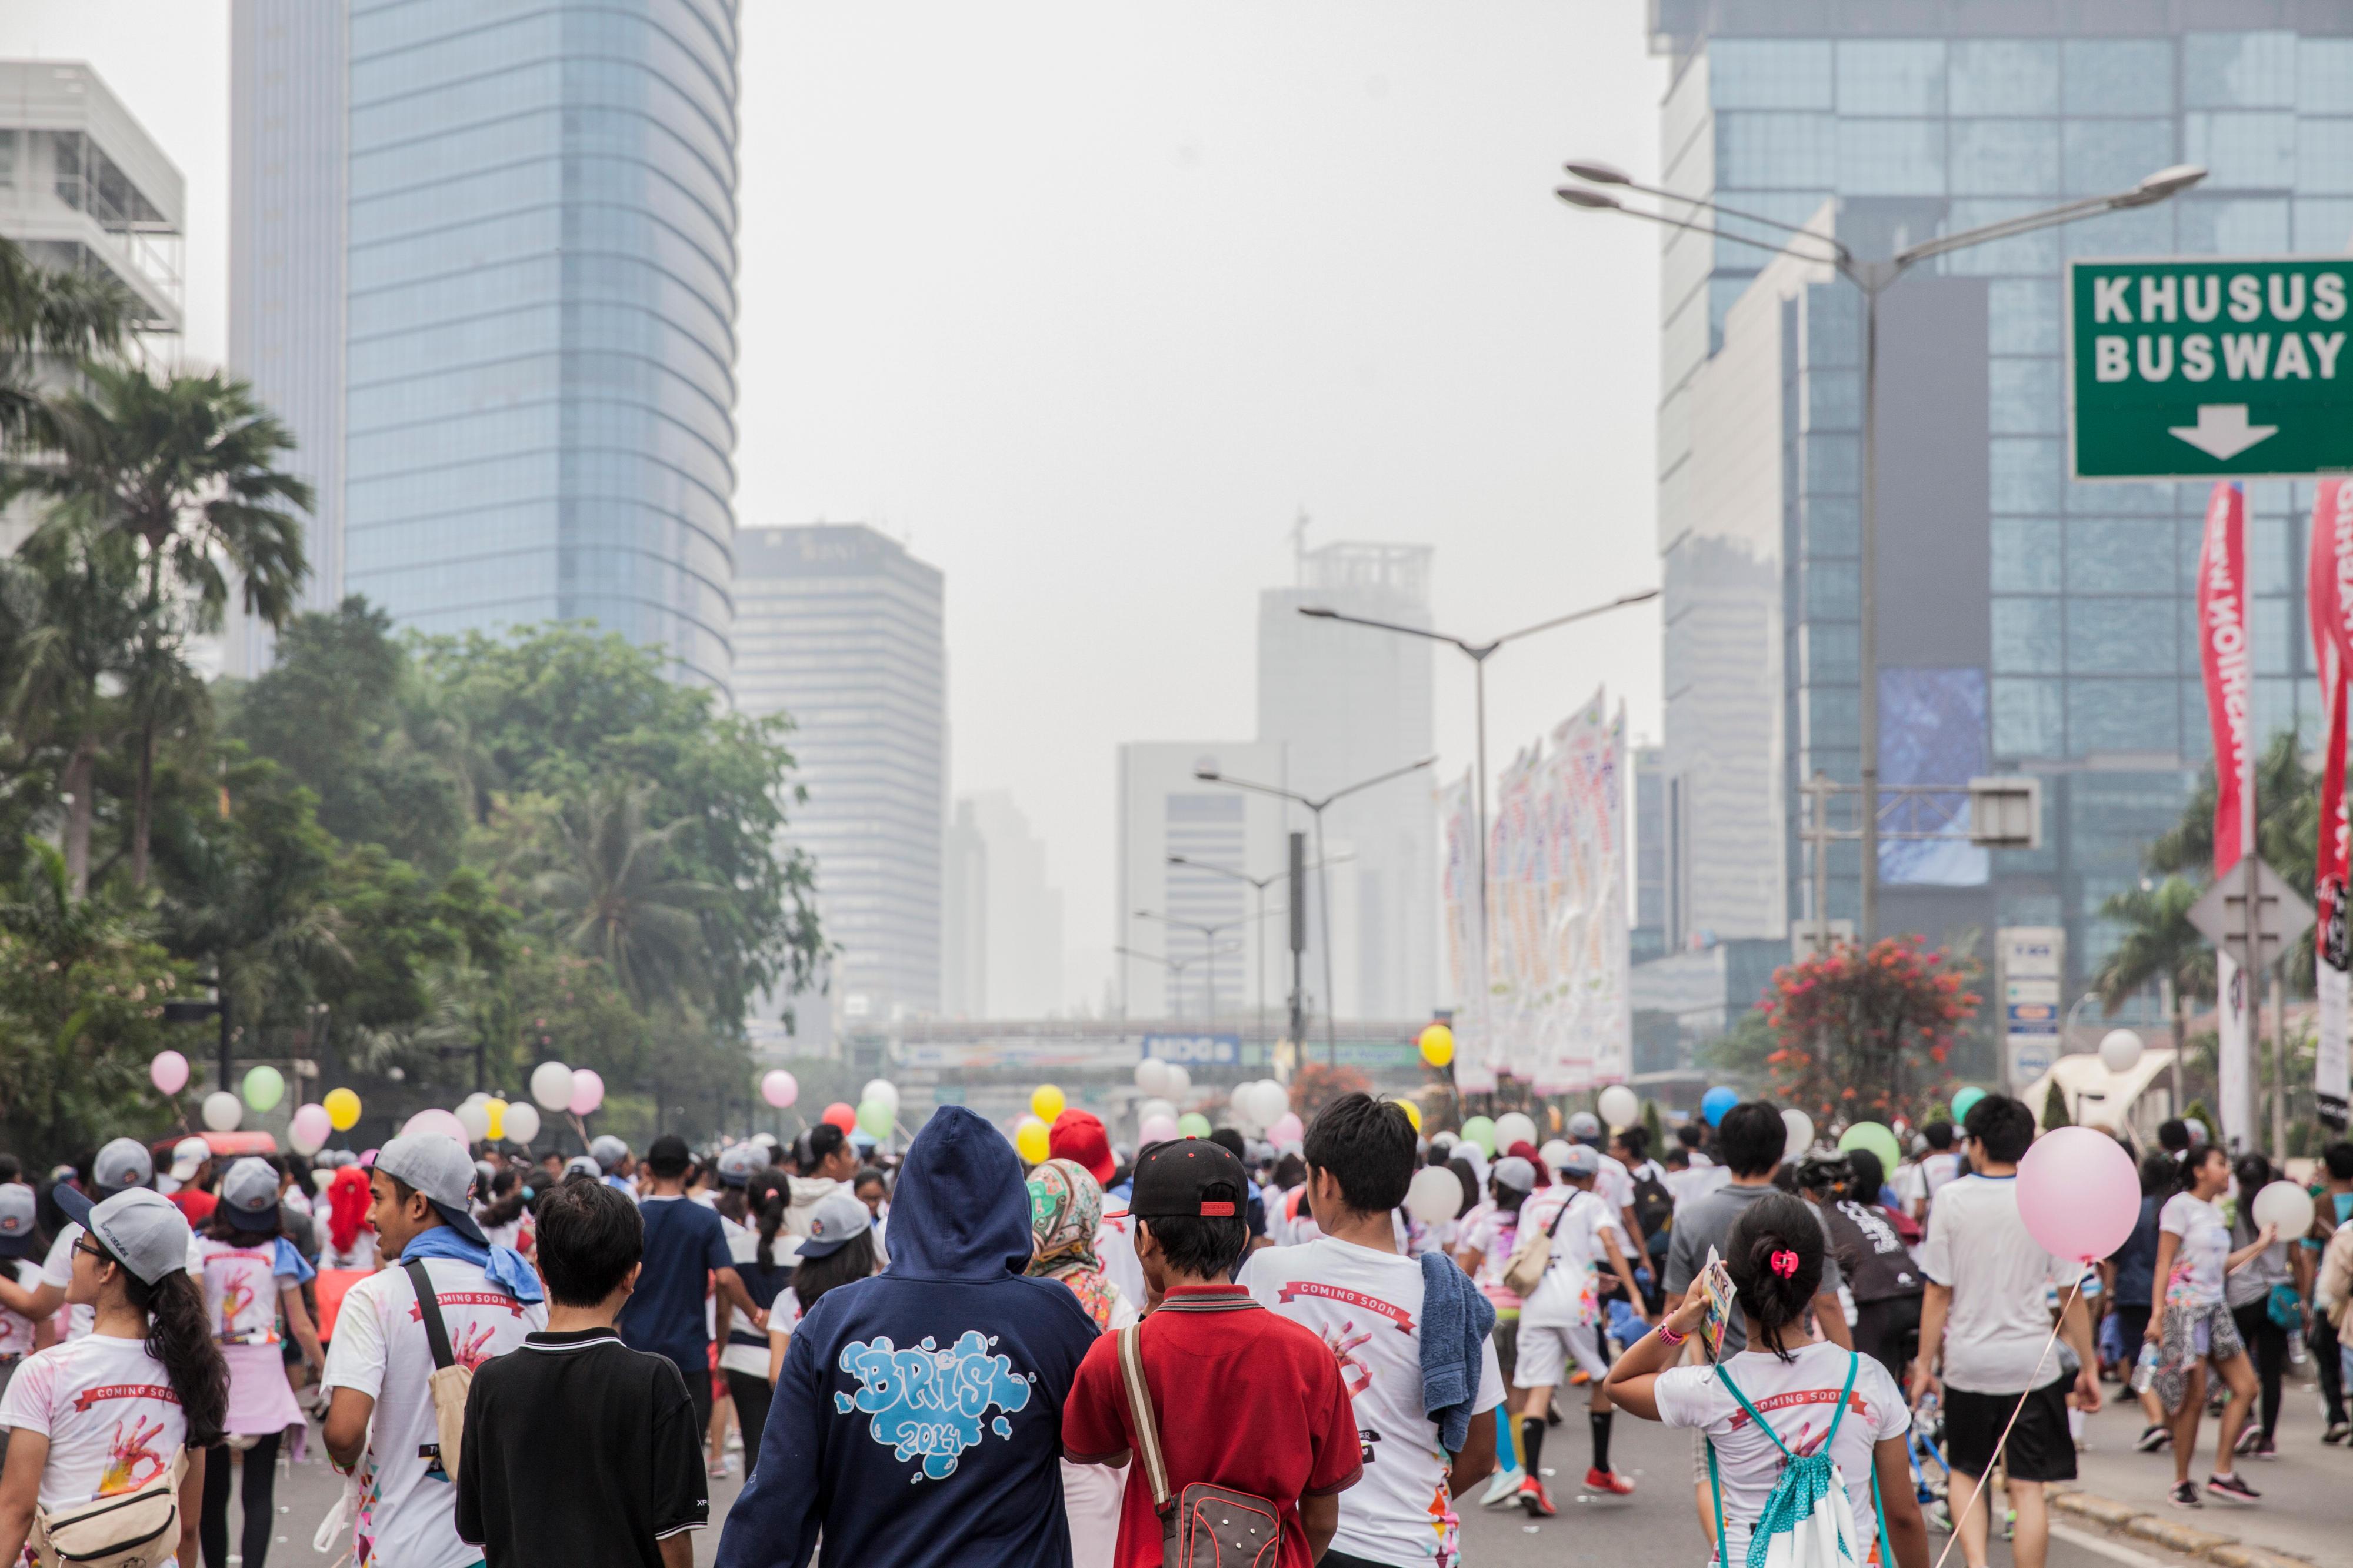 Menschenmenge in der Innenstadt von Jakarta,Indonesien, an einem autofreien Sonntag